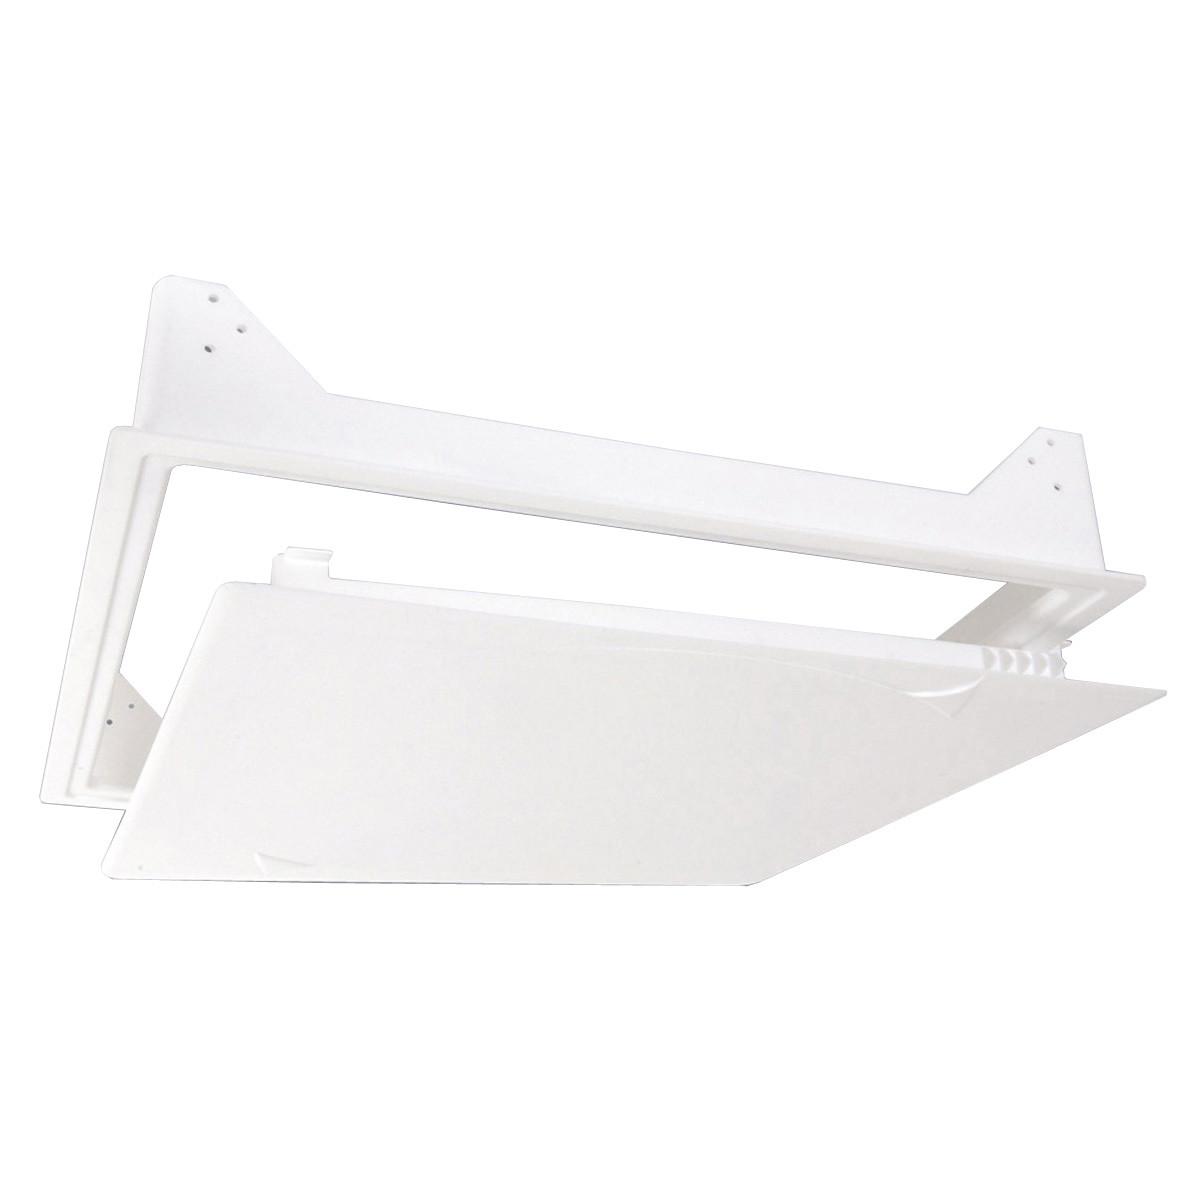 Trappe de plafond blanche non isol e 580x580mm for Trappe de plafond